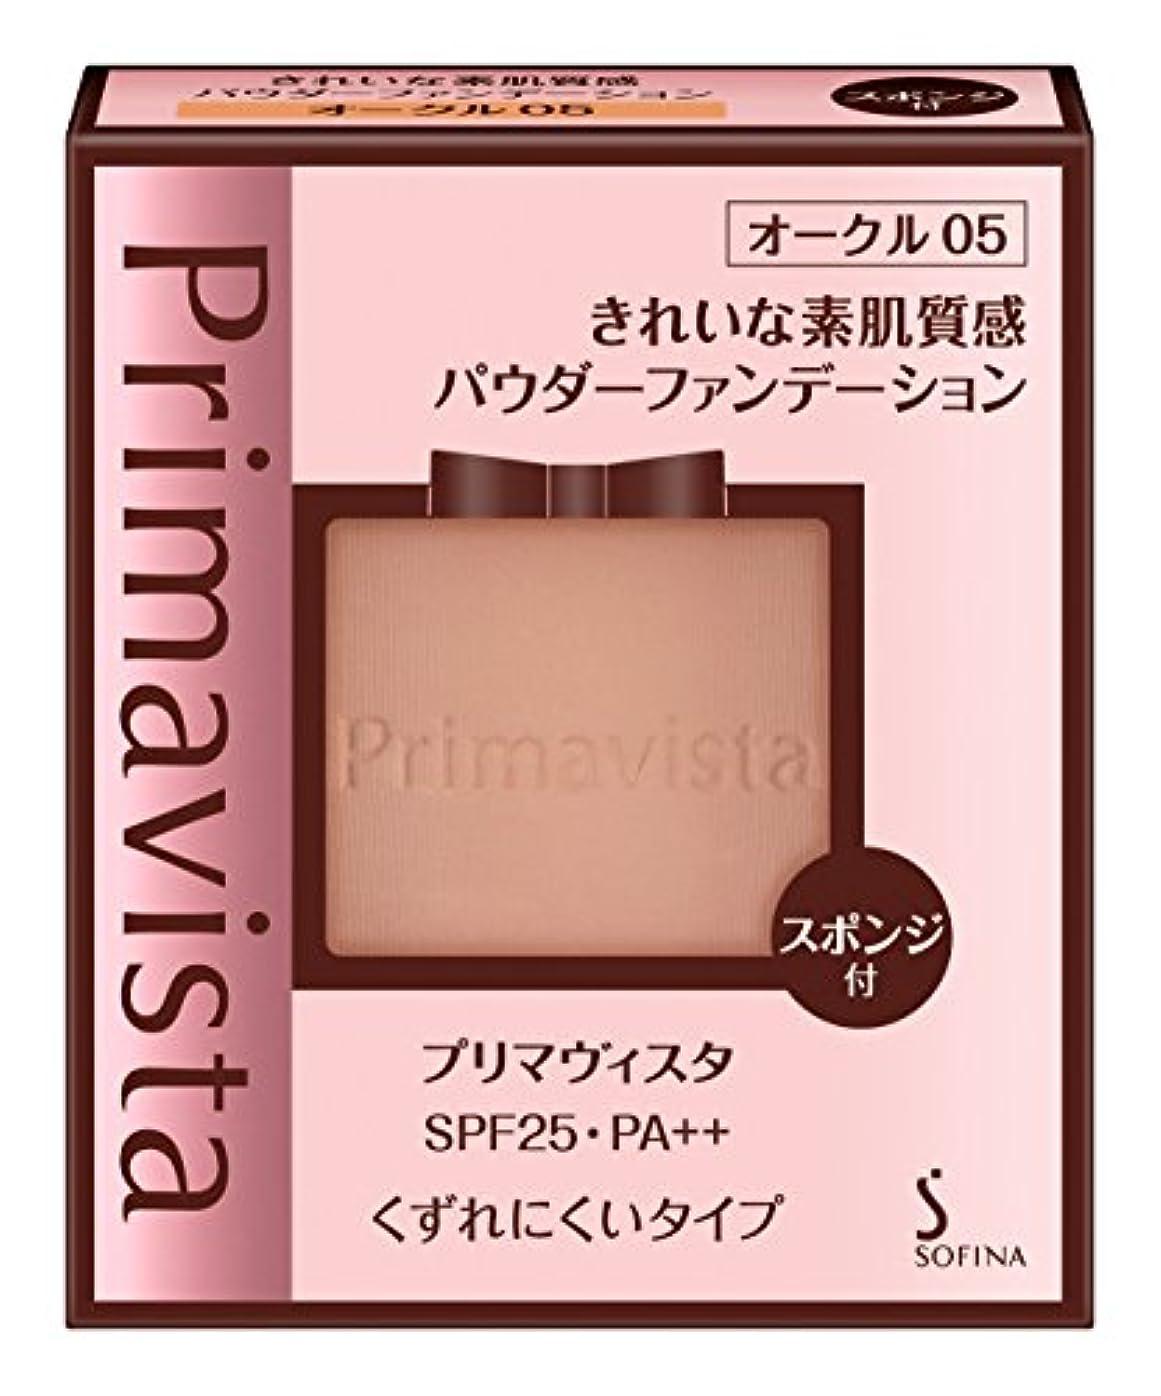 汗感じる変なプリマヴィスタ きれいな素肌質感パウダーファンデーション オークル05 SPF25 PA++ 9g